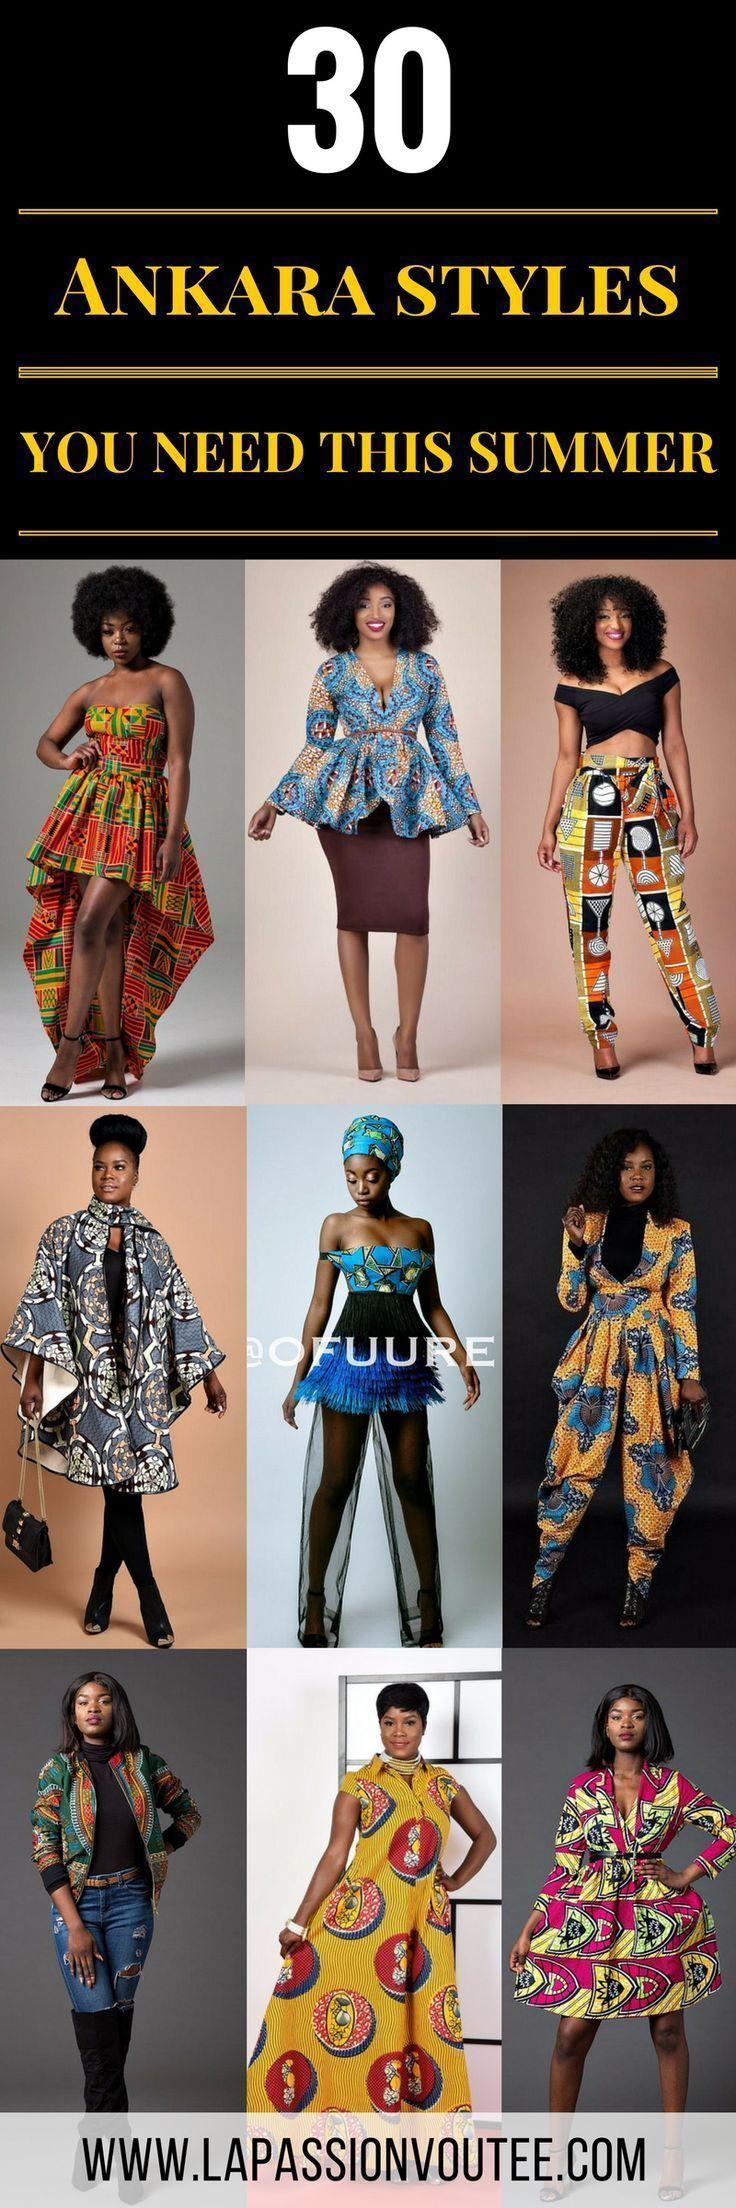 30 stilvolle Ankara-Stile die Sie sofort ausprobieren sollten. Wenn Sie nach den angesagtesten Styles dieser Saison suchen sollten Sie diesen Artikel lesen um einige der schönsten Ankara-Kleider Röcke Oberteile und Hosen zu entdecken. Afrikanischer Druck | Nigerianische Mode | Afrikanische Mode | Afrikanische bedruckte kleider | Afrikanische kleider | Dashiki Kleid | Afrikanische kleidung | Dashiki Rock | Afrikanische Kleidungsstile | Afrikanisches Kleid | Afrikanische Kleidung. #afrikanisches #afrikanischerstil